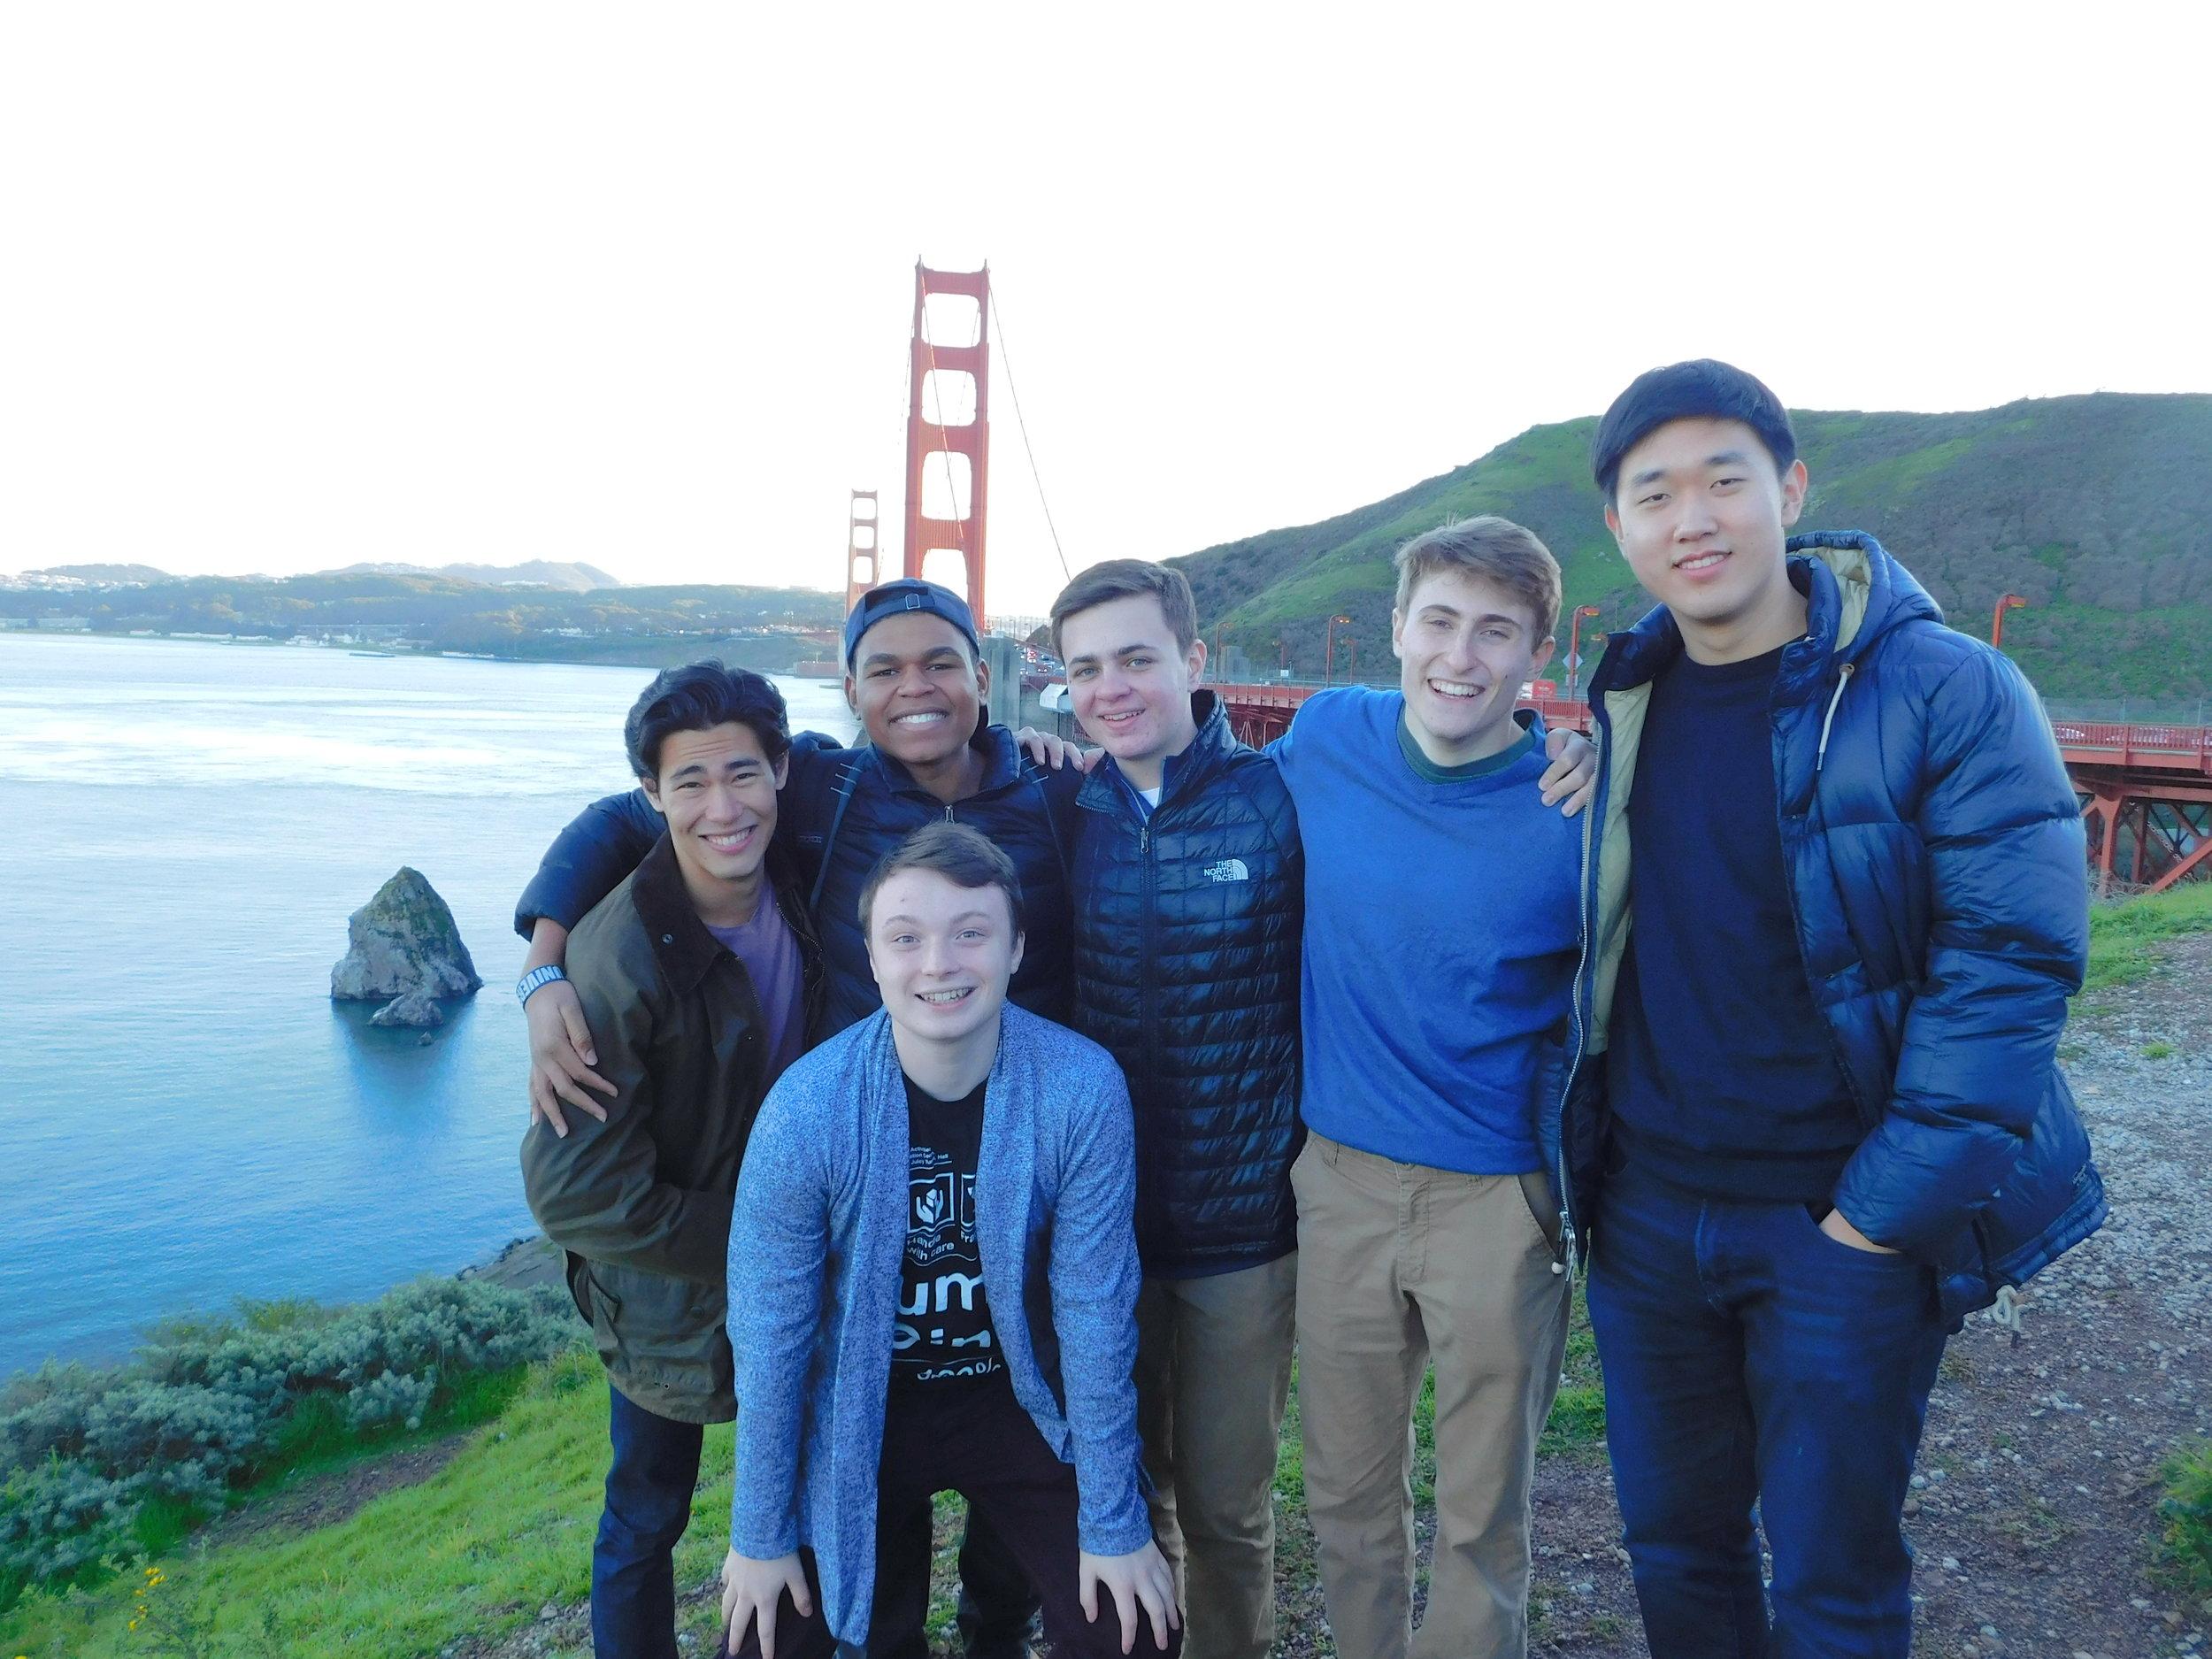 Freshmen Kittens in front of the Golden Gate Bridge